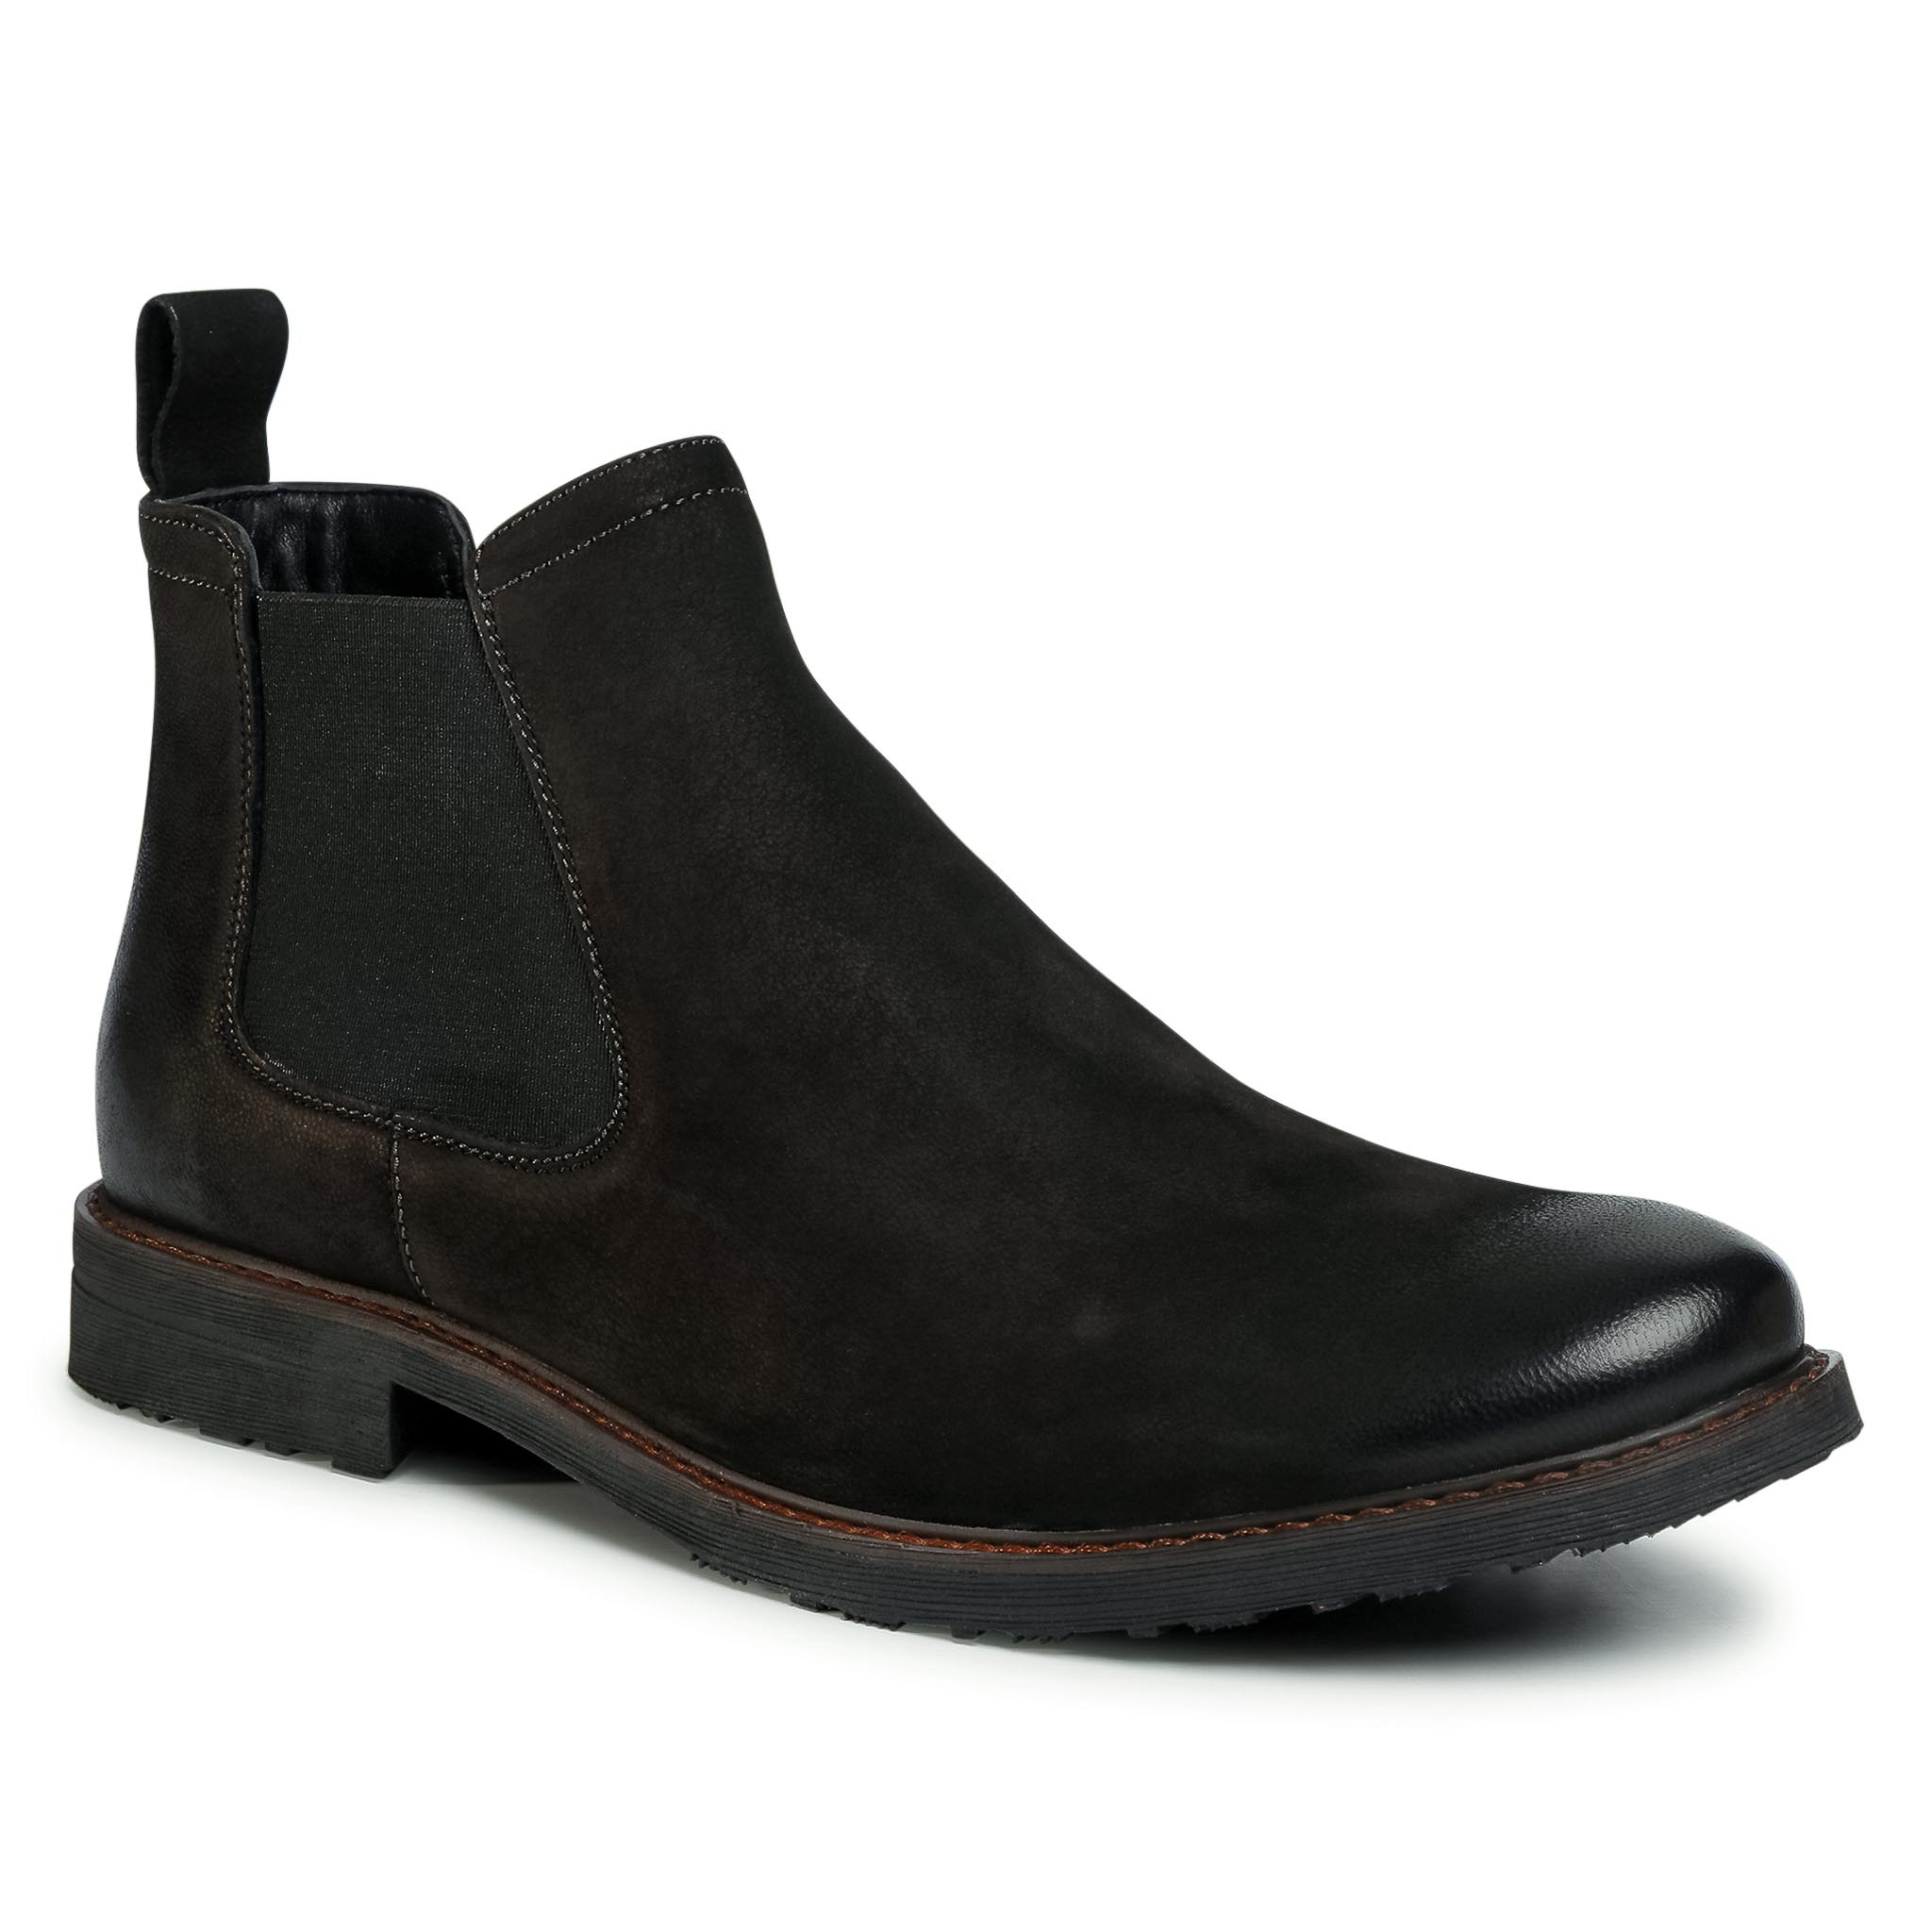 Kotníková obuv s elastickým prvkom LASOCKI FOR MEN - MI08-C307-250-02 Black 1